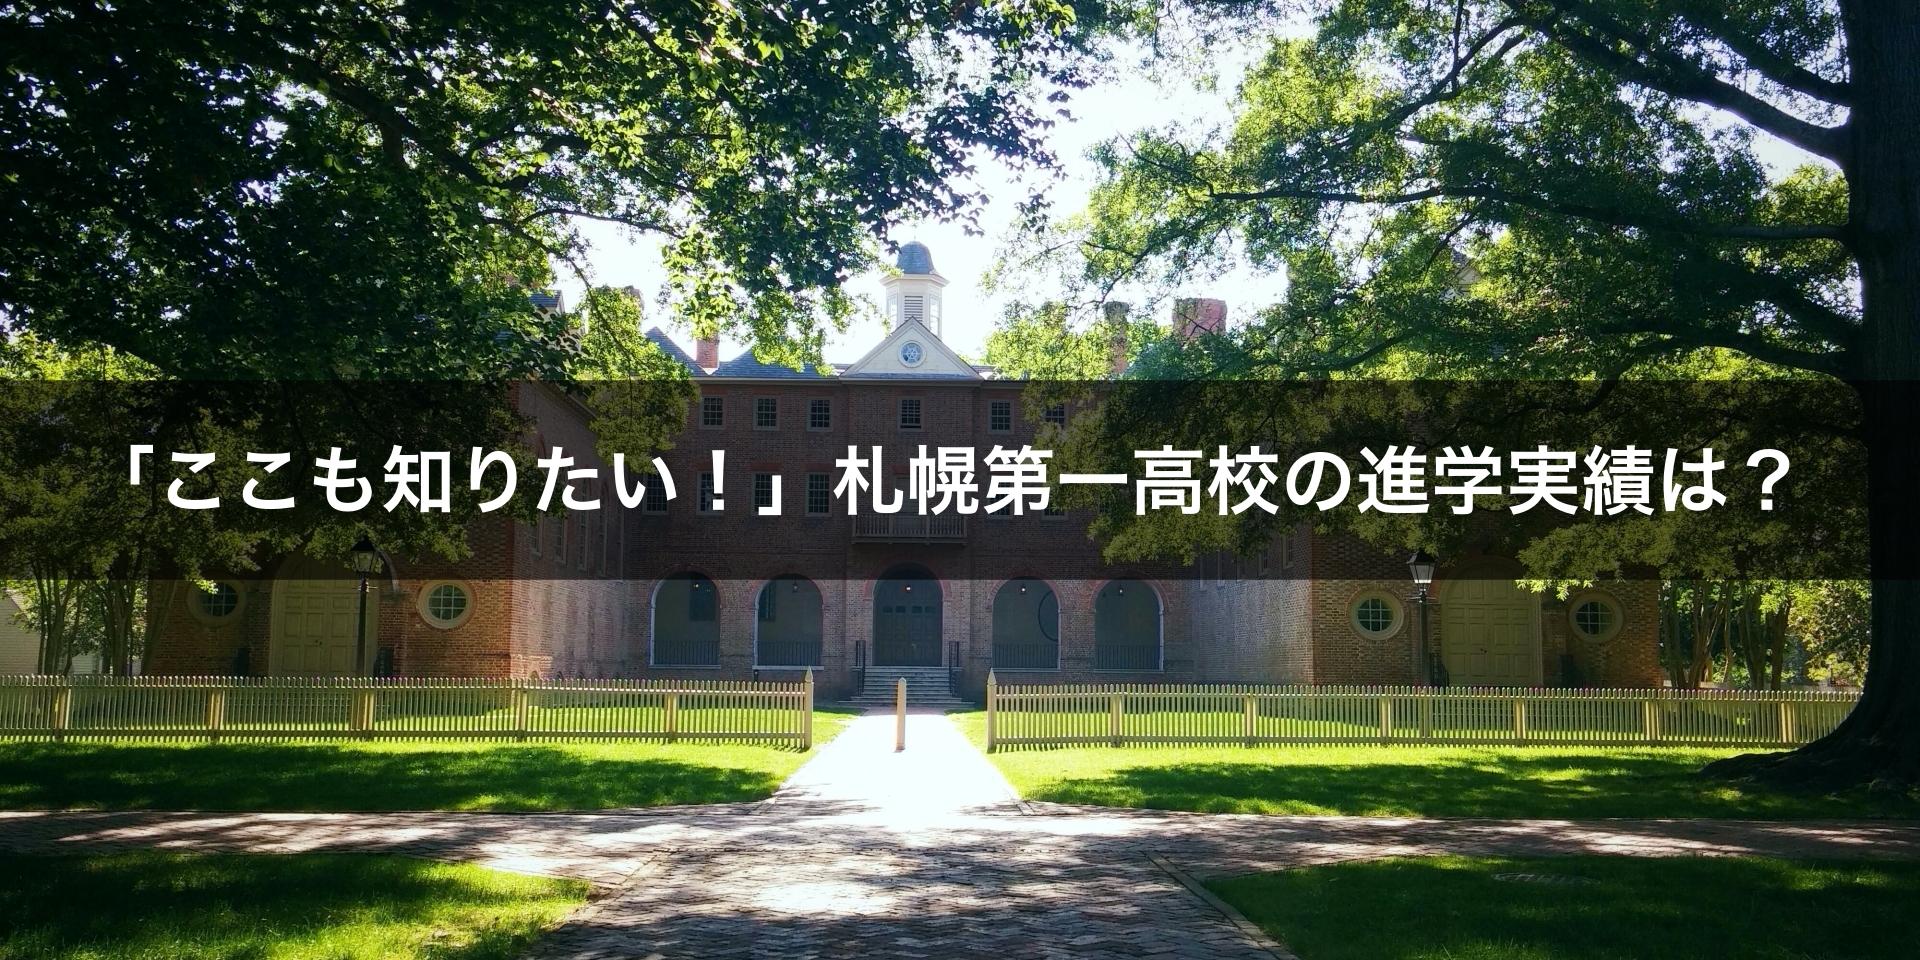 「ここも知りたい!」札幌第一高校の進学実績は?